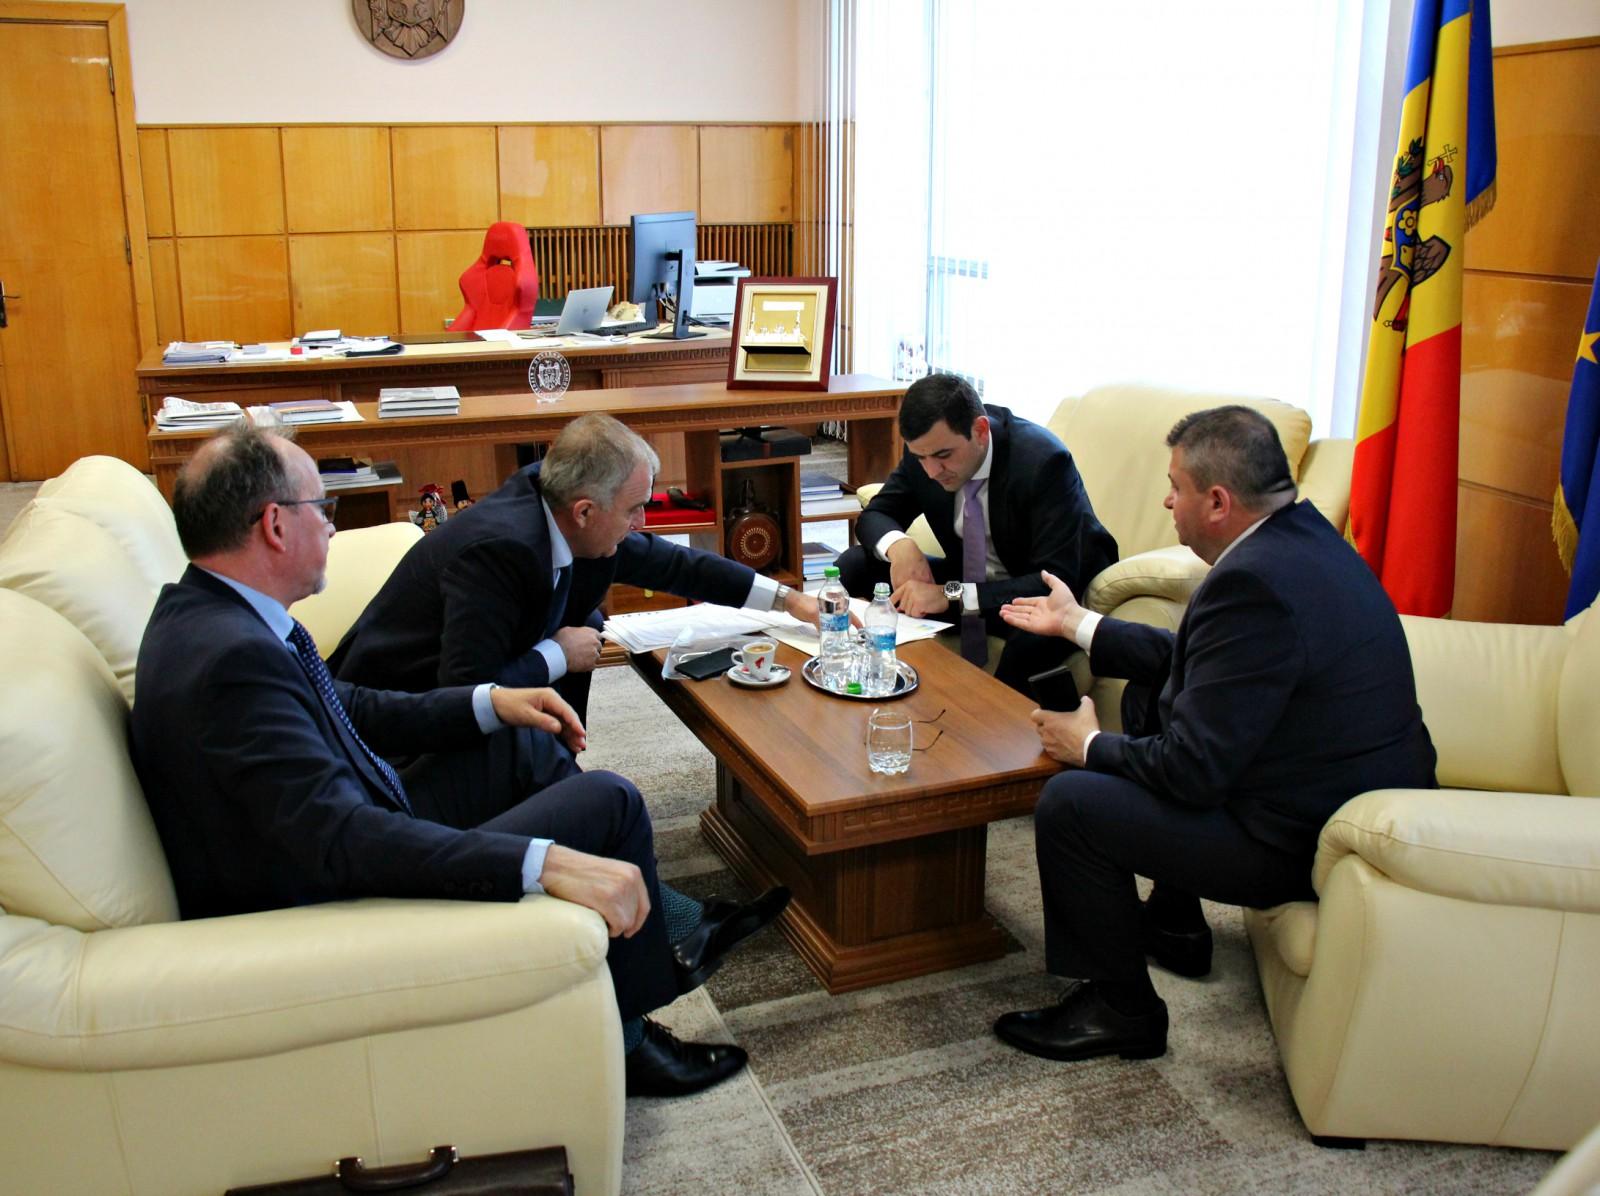 """Construcția gazoductului Ungheni-Chișinău, din nou amânată. Gaburici: """"La sfârșitul verii vom fi deja pe șantier"""""""